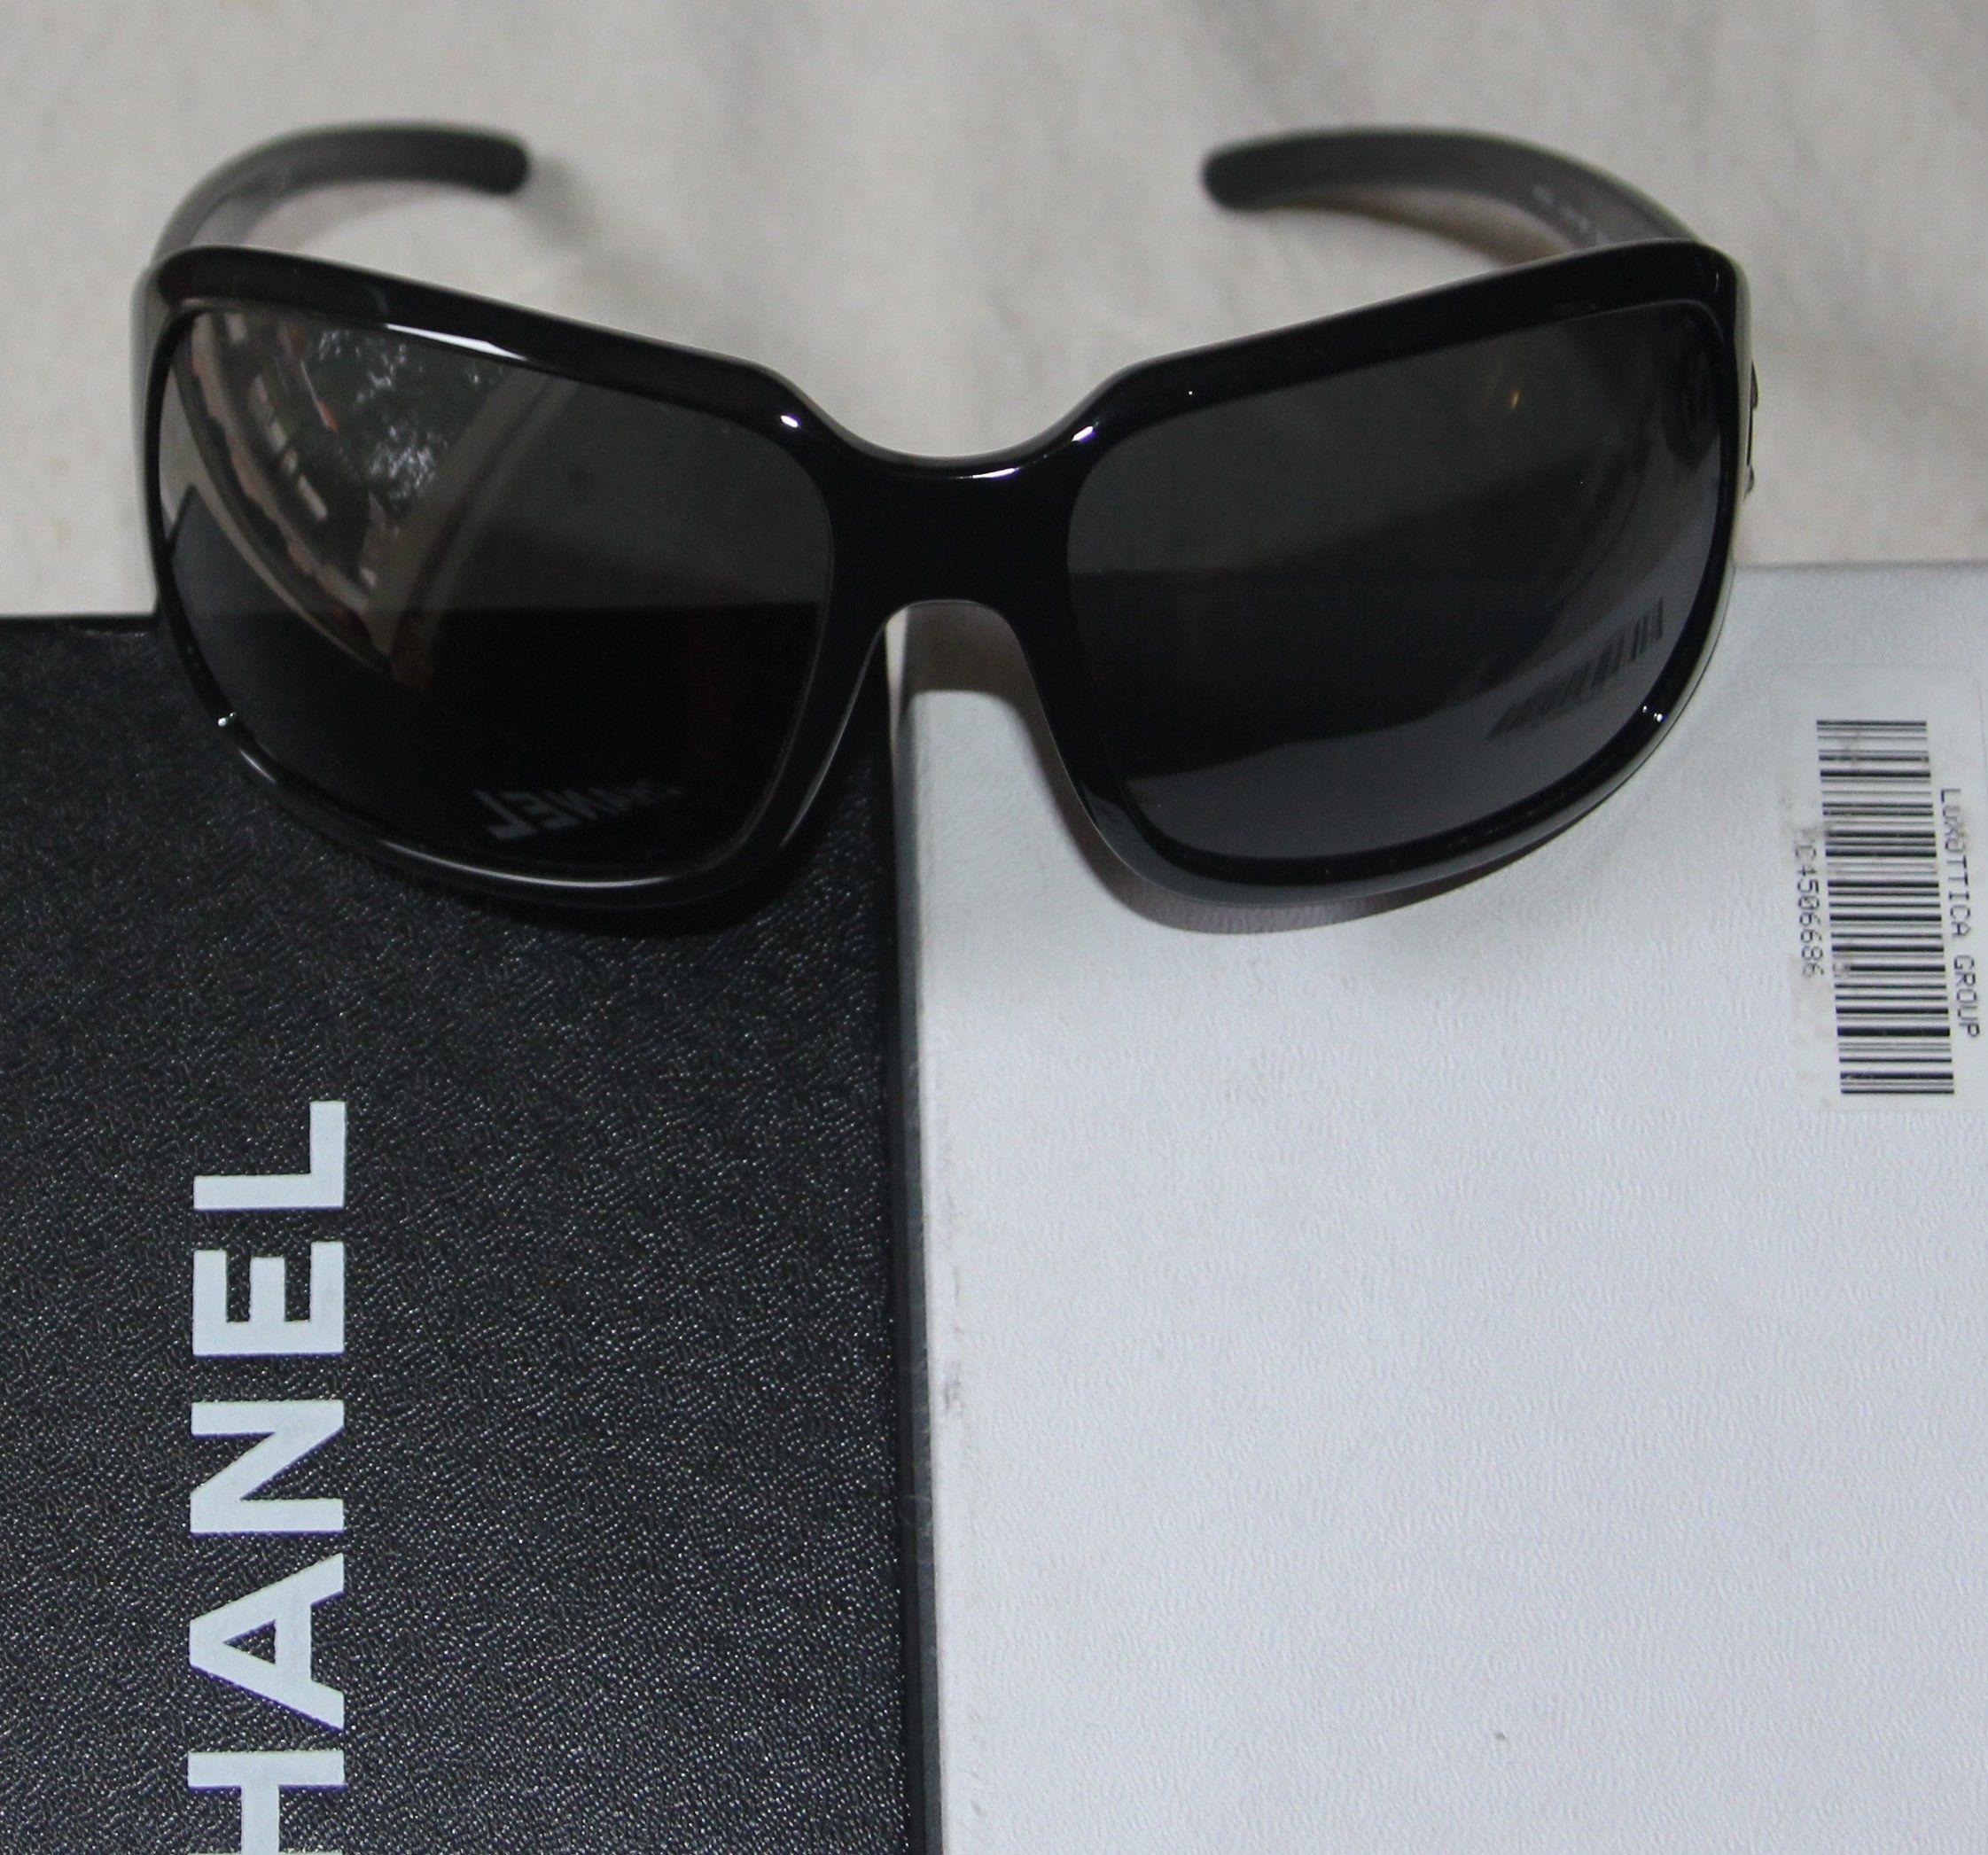 7931852450 Chanel, lunettes de soleil, haut de gamme, luxe, parfait état, femme ...